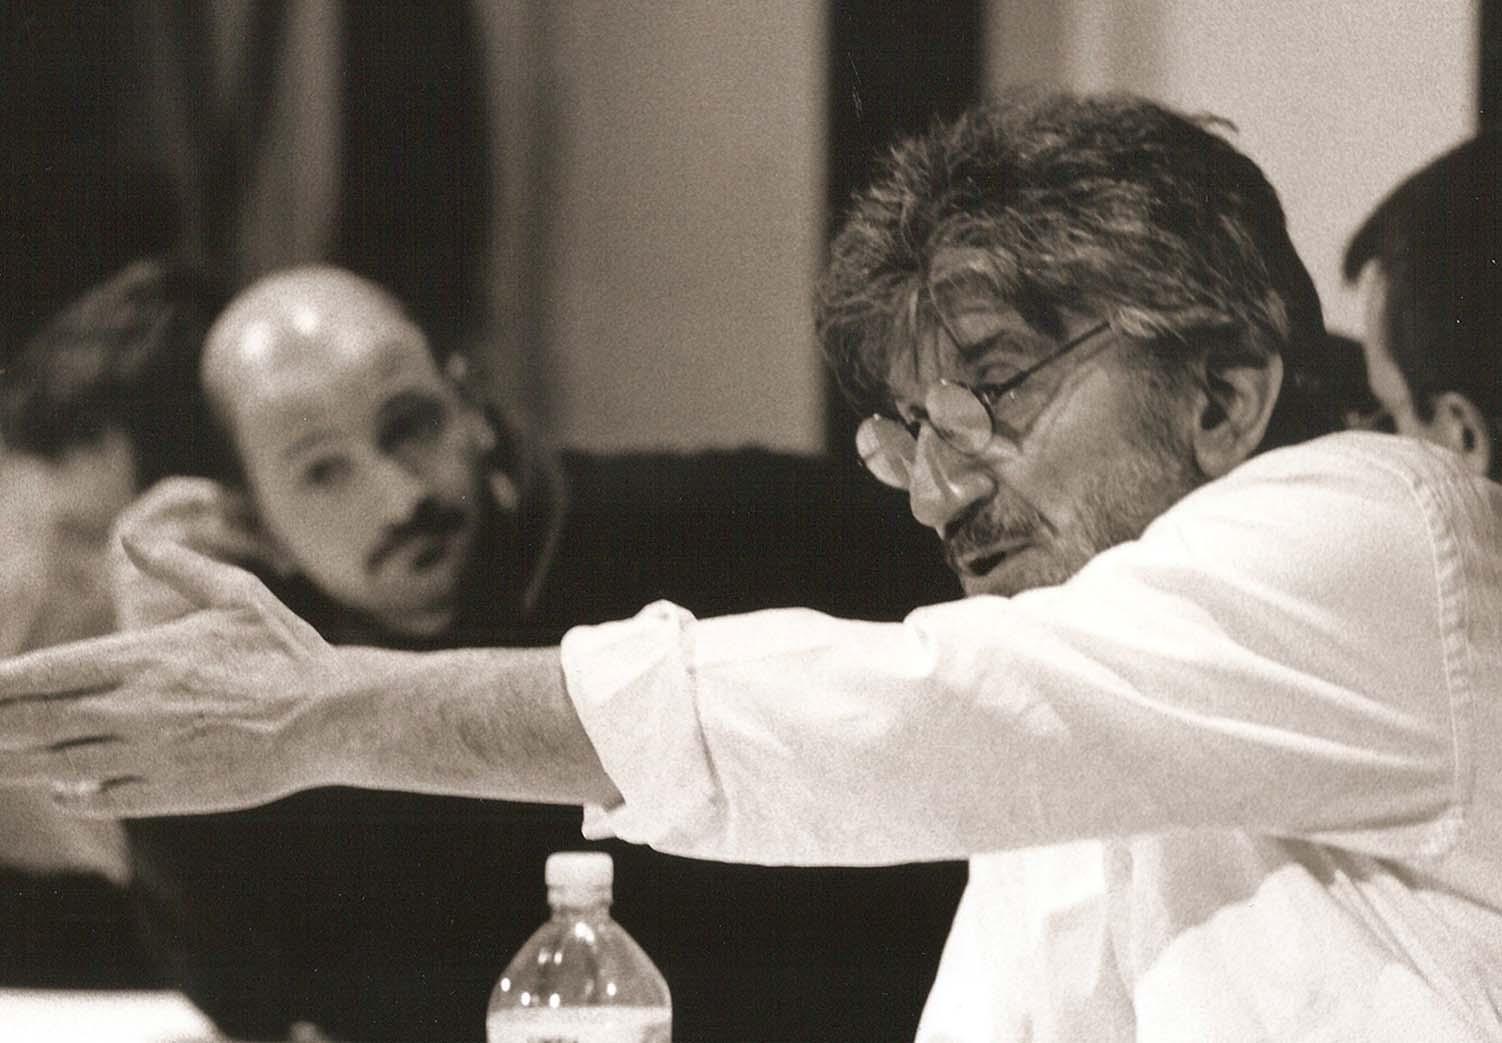 Gigi Proietti è morto il giorno del suo 80° compleanno. Scherzava sulla sua data di nascita.Il giorno è quello che è, il 2 novembre, diceva.